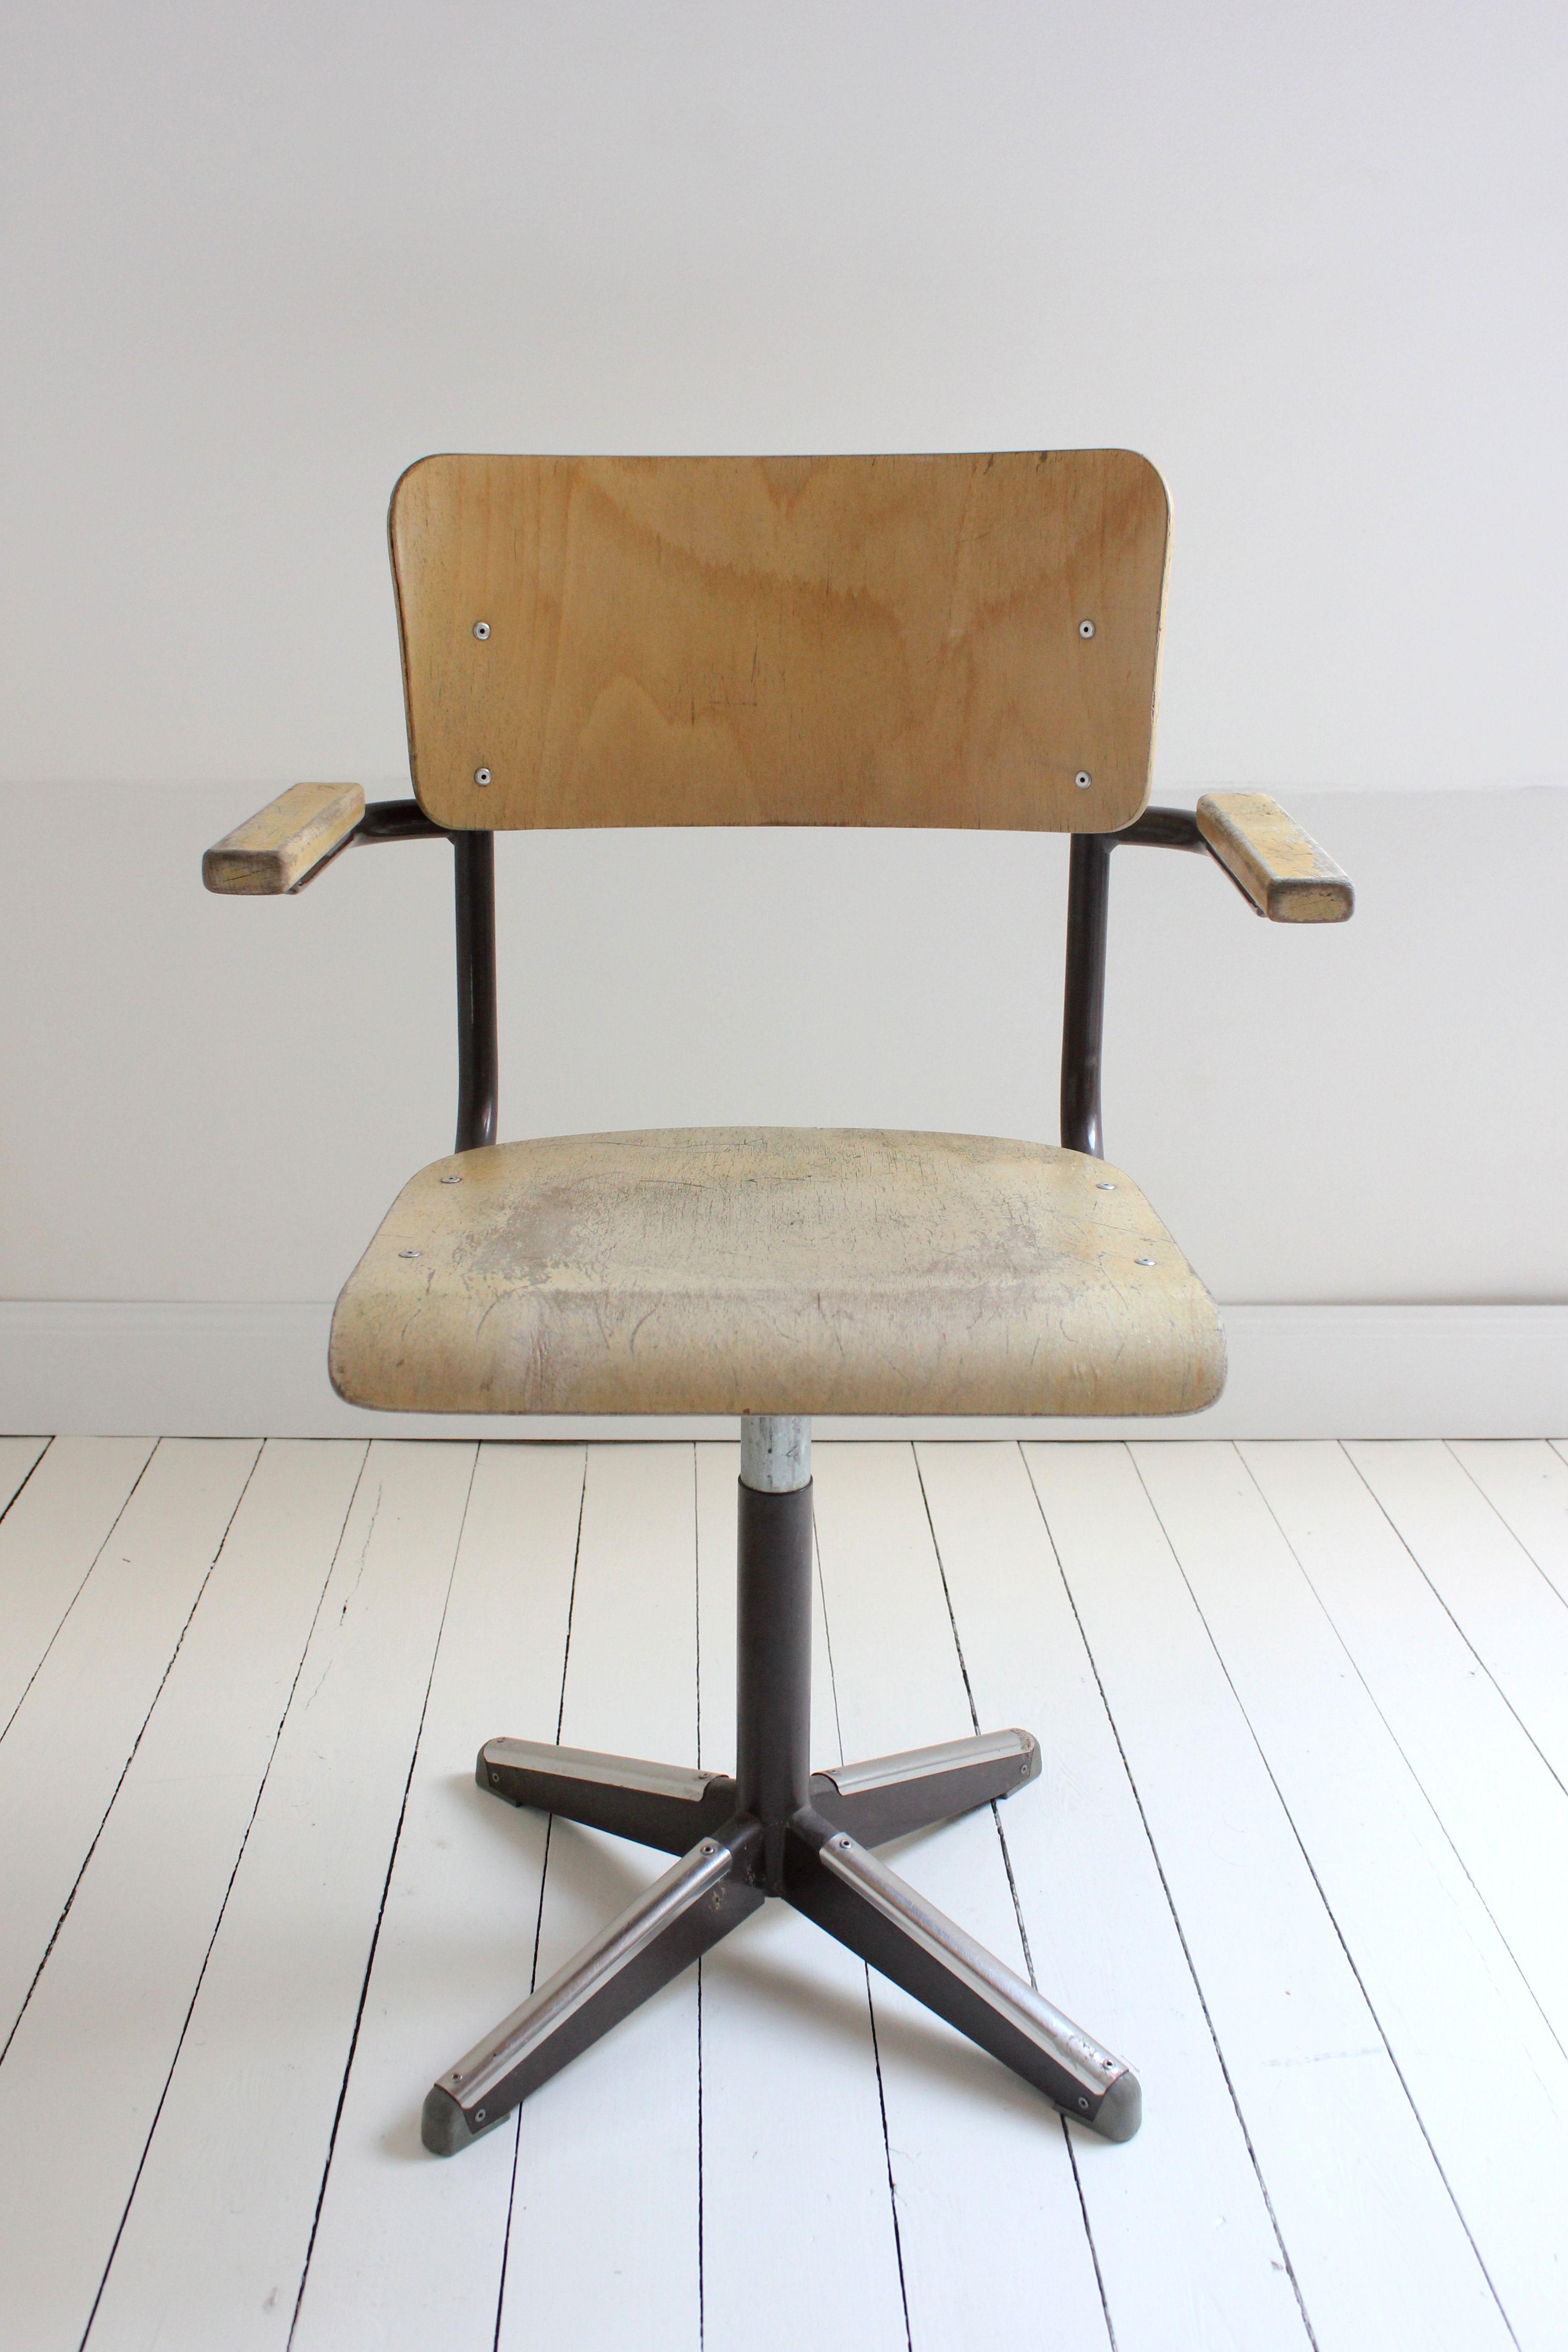 Te Koop Bureaustoel.Vintage Tubax Bureaustoel Te Koop Bij Kif Kef Kif Kef Webshop Www